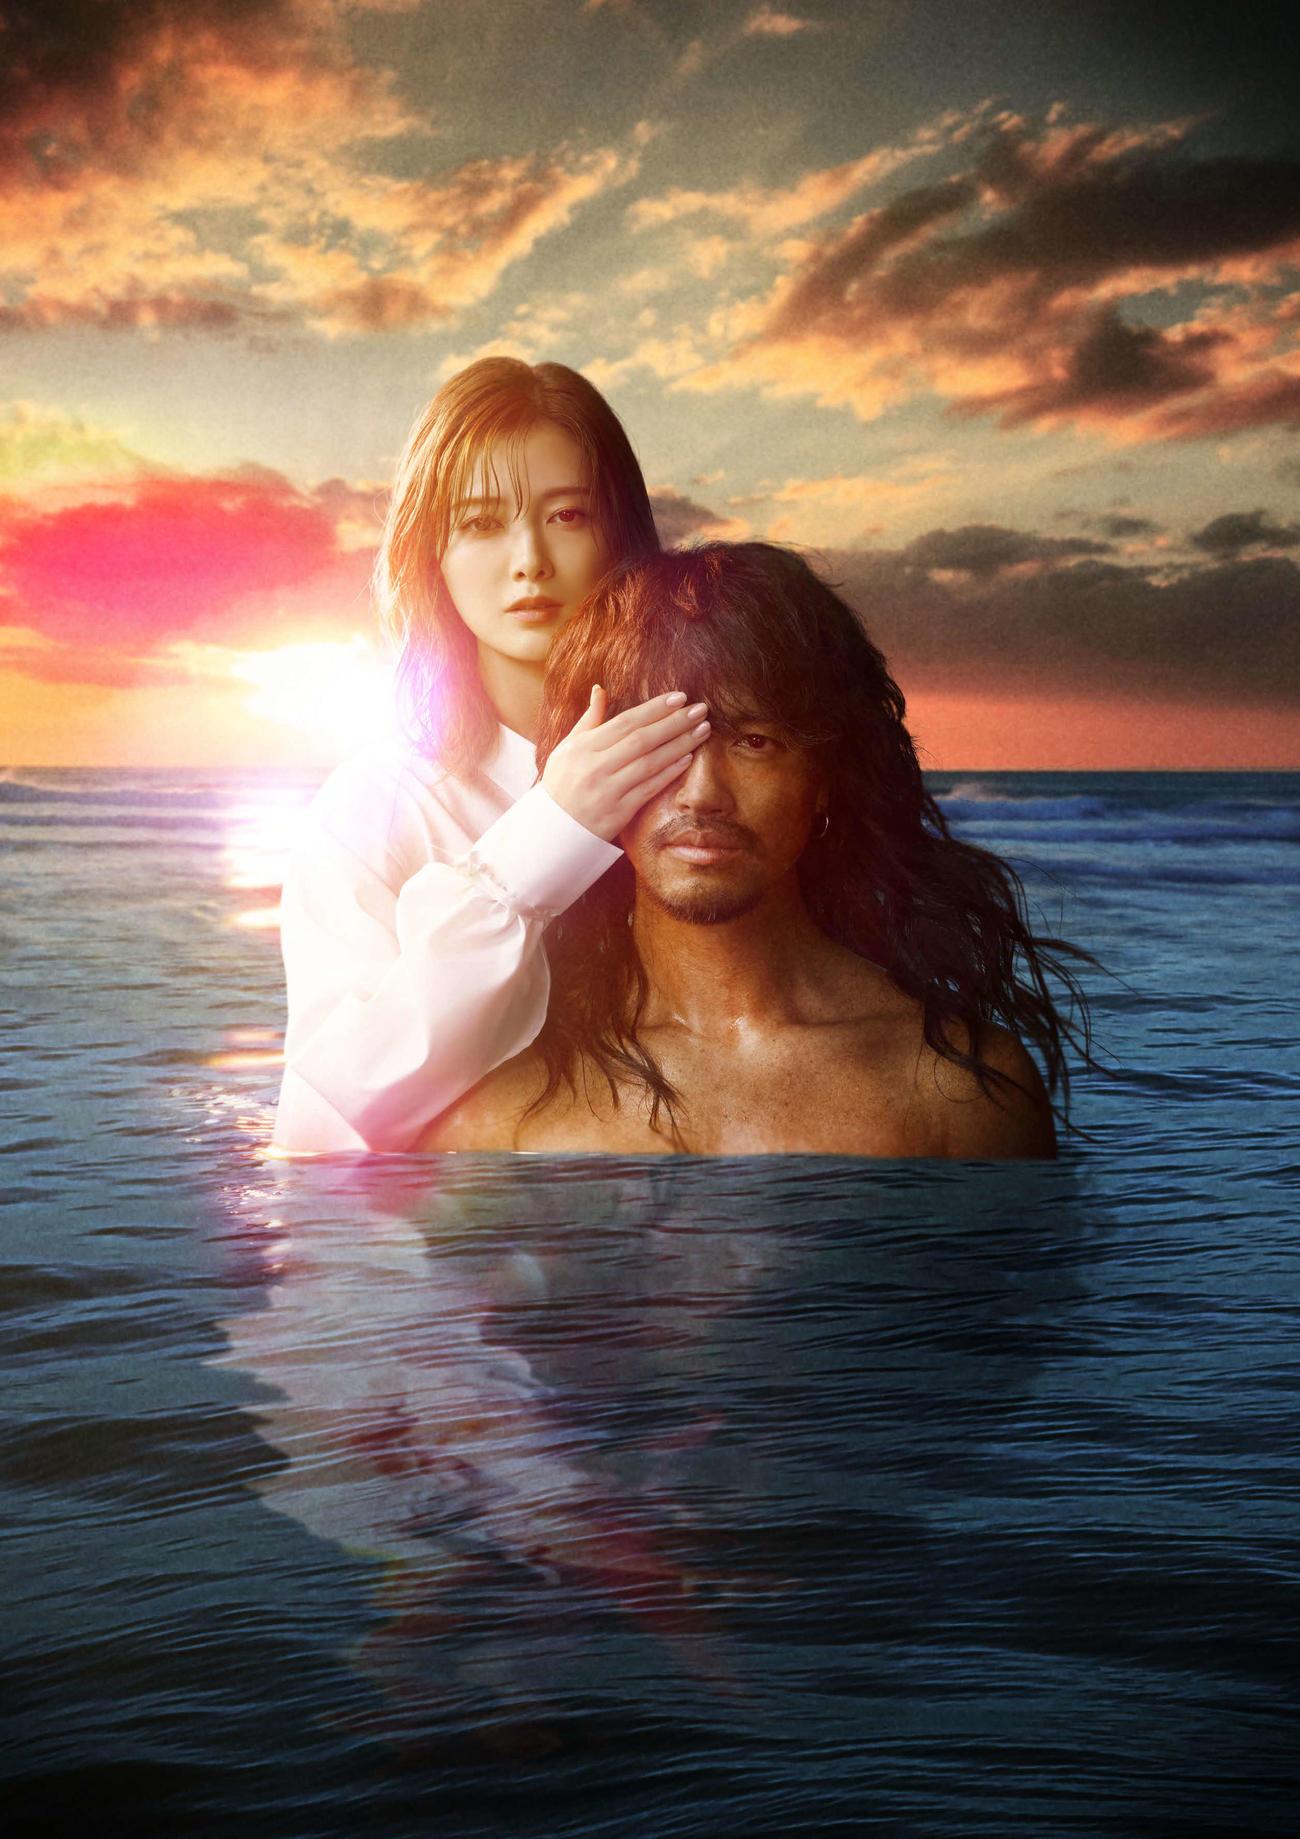 テレビ朝日系ドラマ「漂着者」で主演を務める斎藤工(右)とヒロインを務める白石麻衣